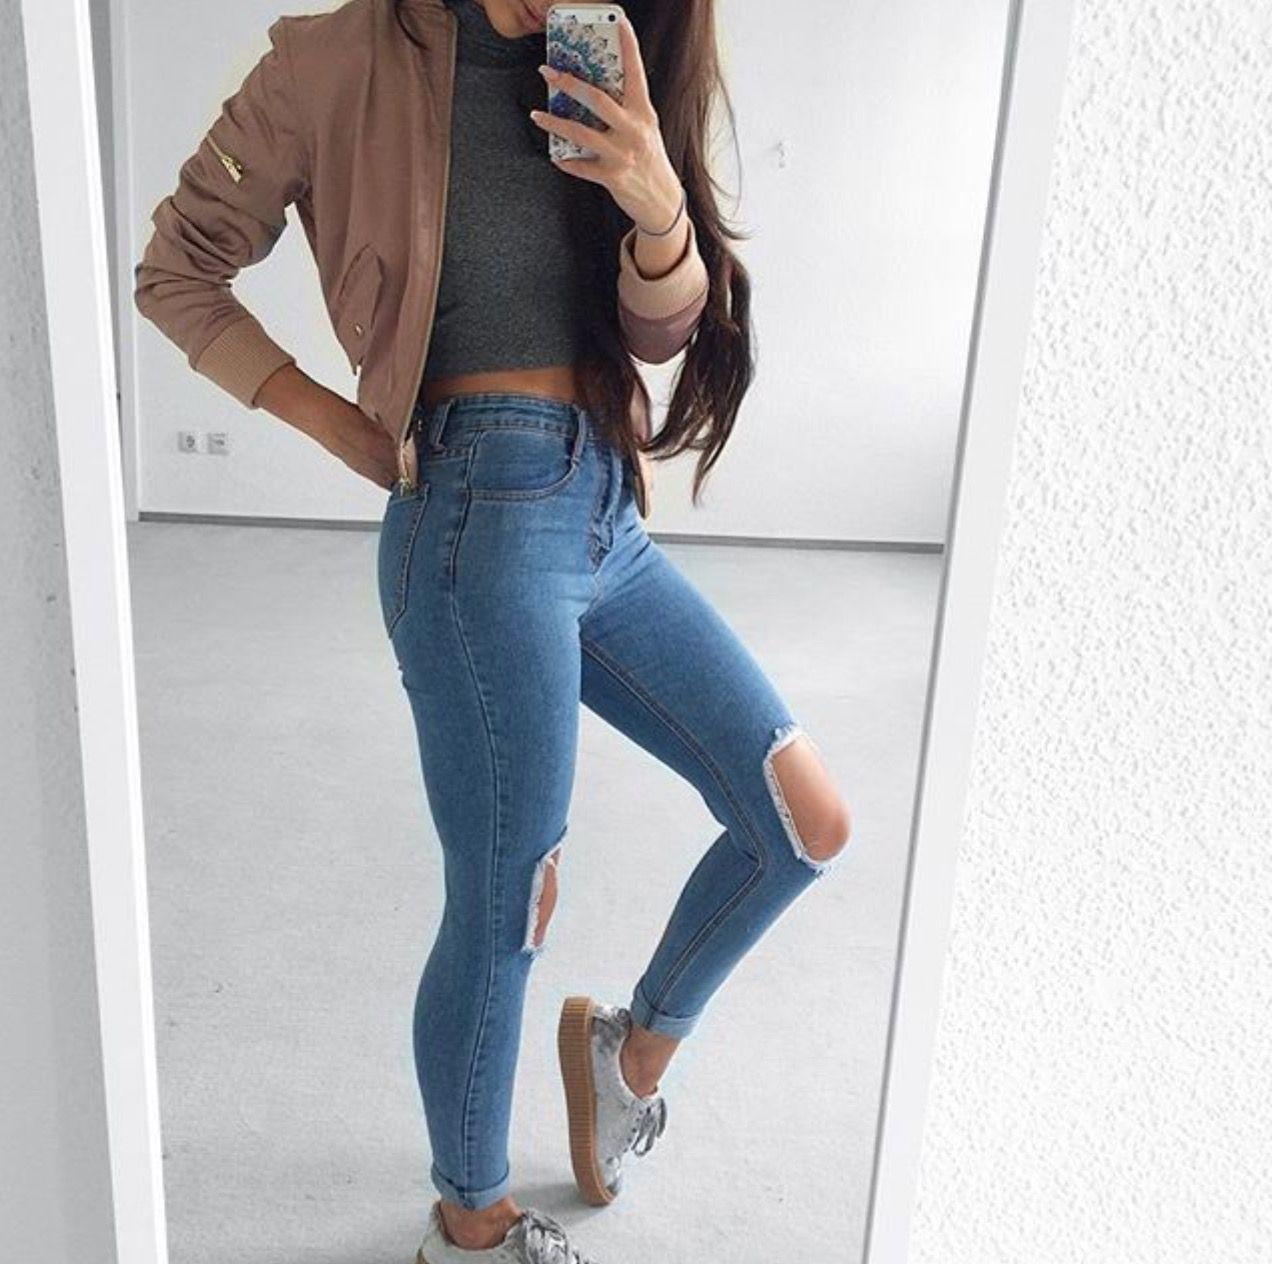 Ropa De Moda Para Adolescentes De 13 Anos Toda La Tendencia Moda Adolescente Ropa De Moda Ropa